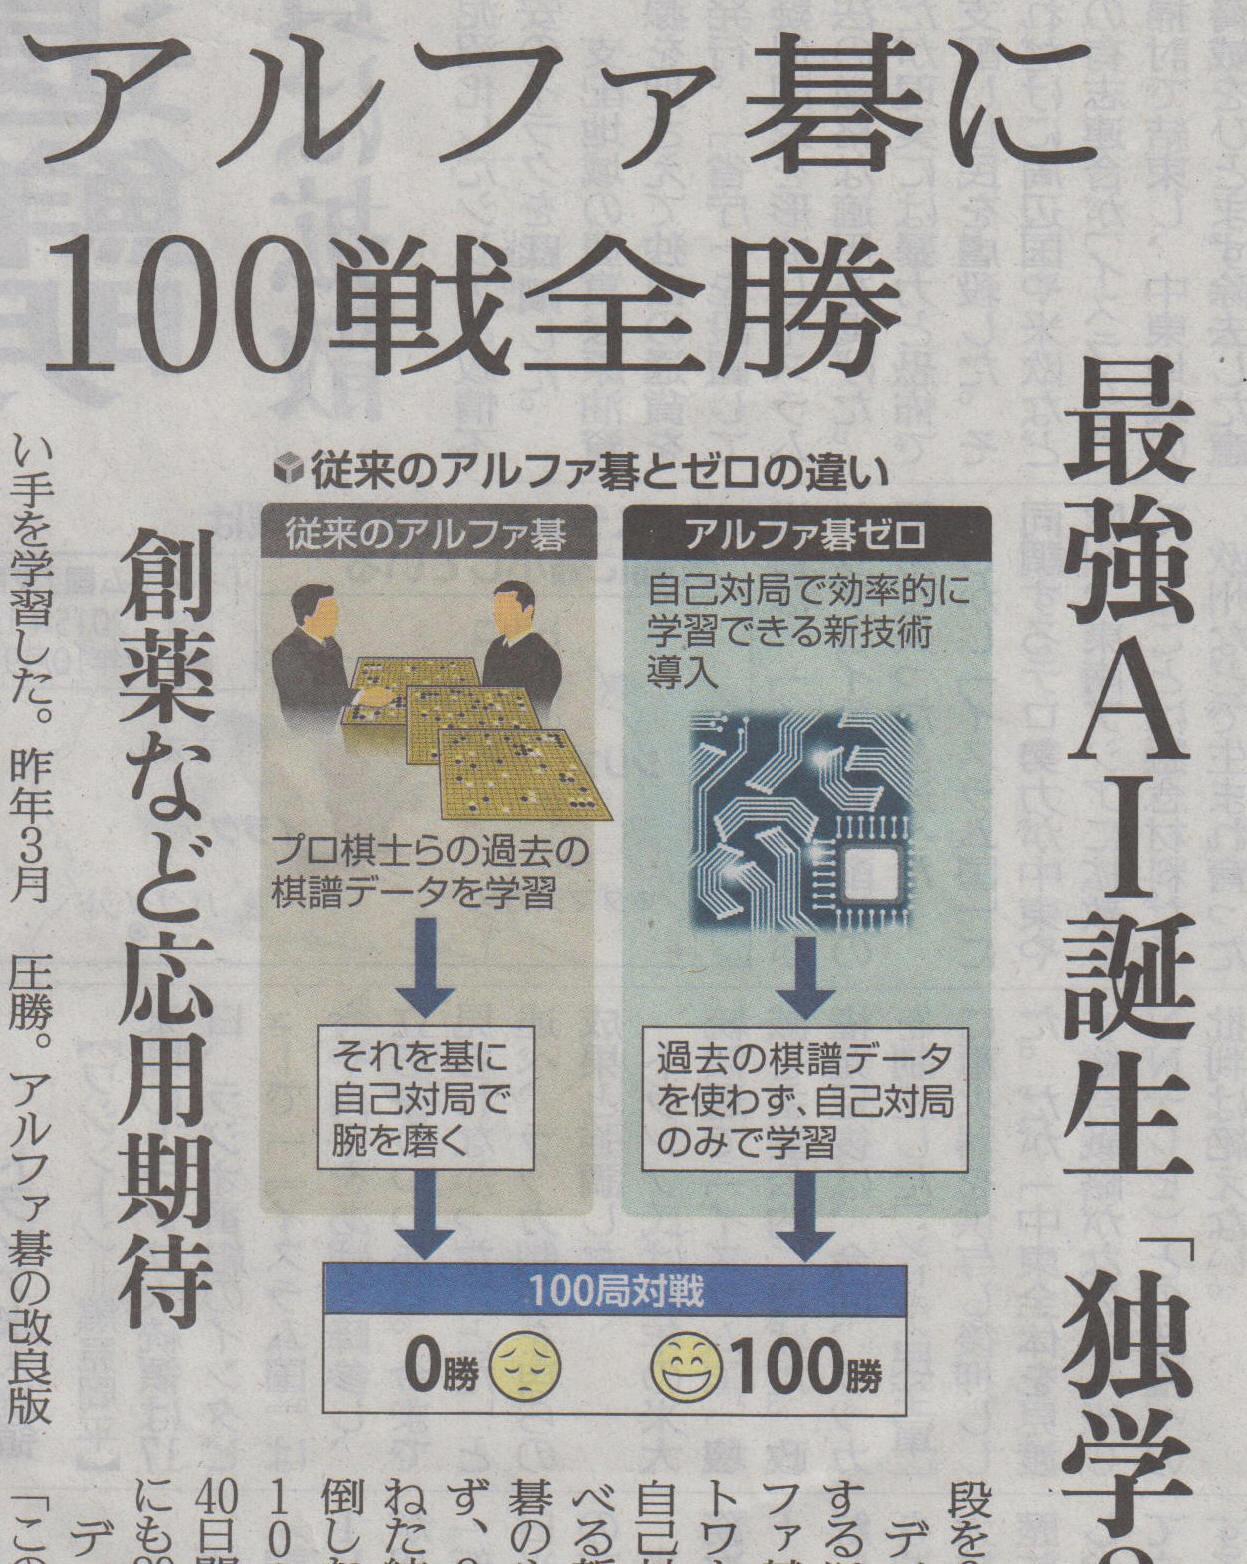 読売記事20171019アルファ碁cut